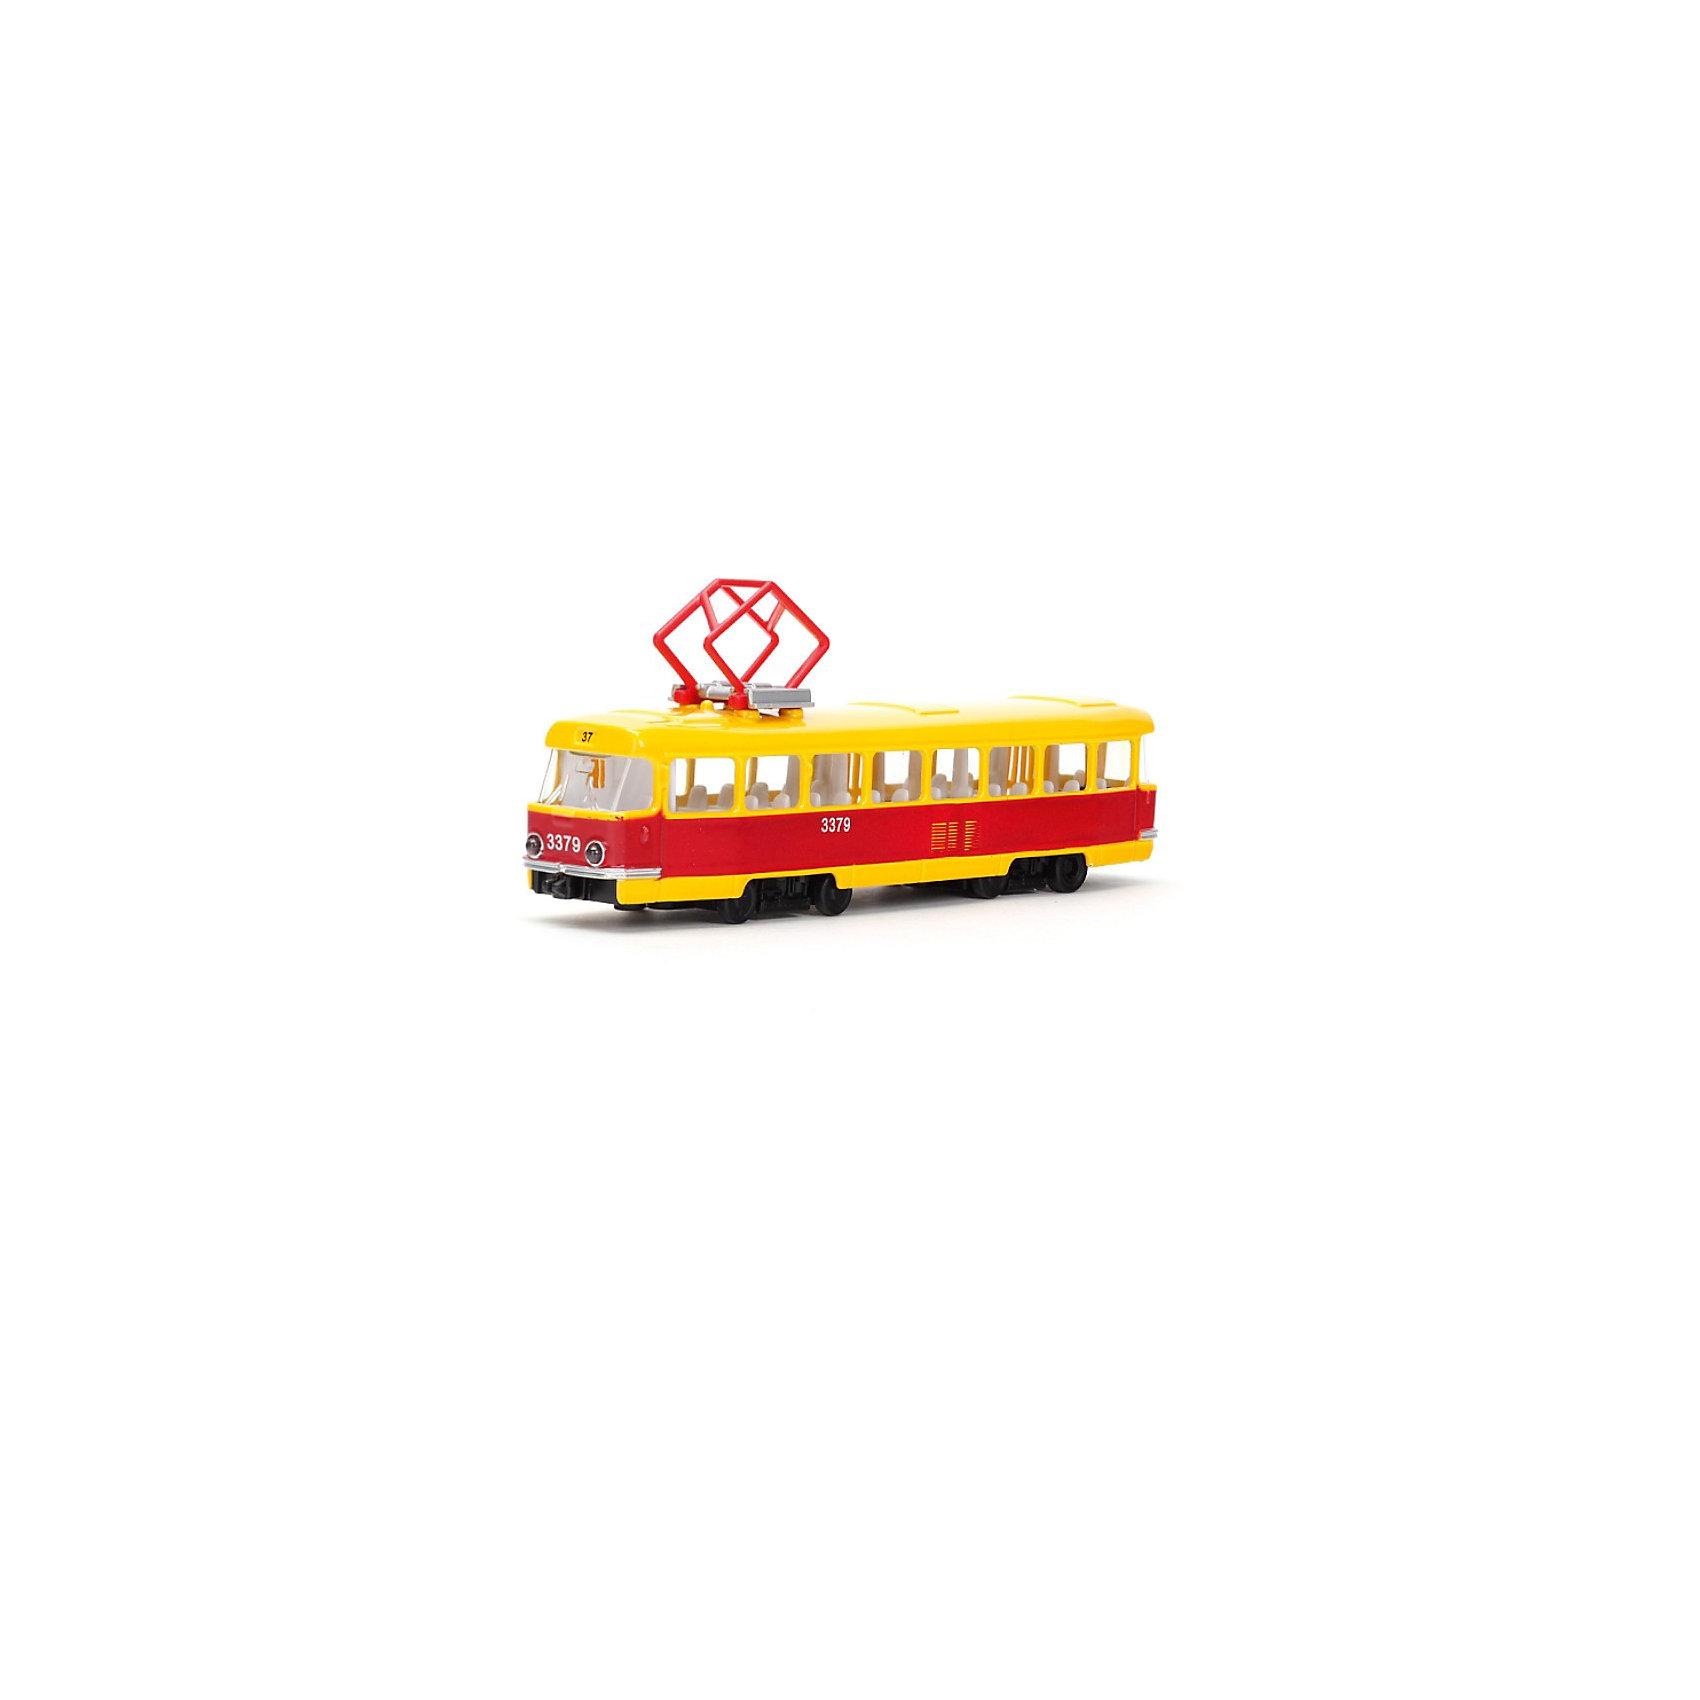 ТЕХНОПАРК Трамвай, инерционный, со светом и звуком, ТЕХНОПАРК авианосец инерционный технопарк